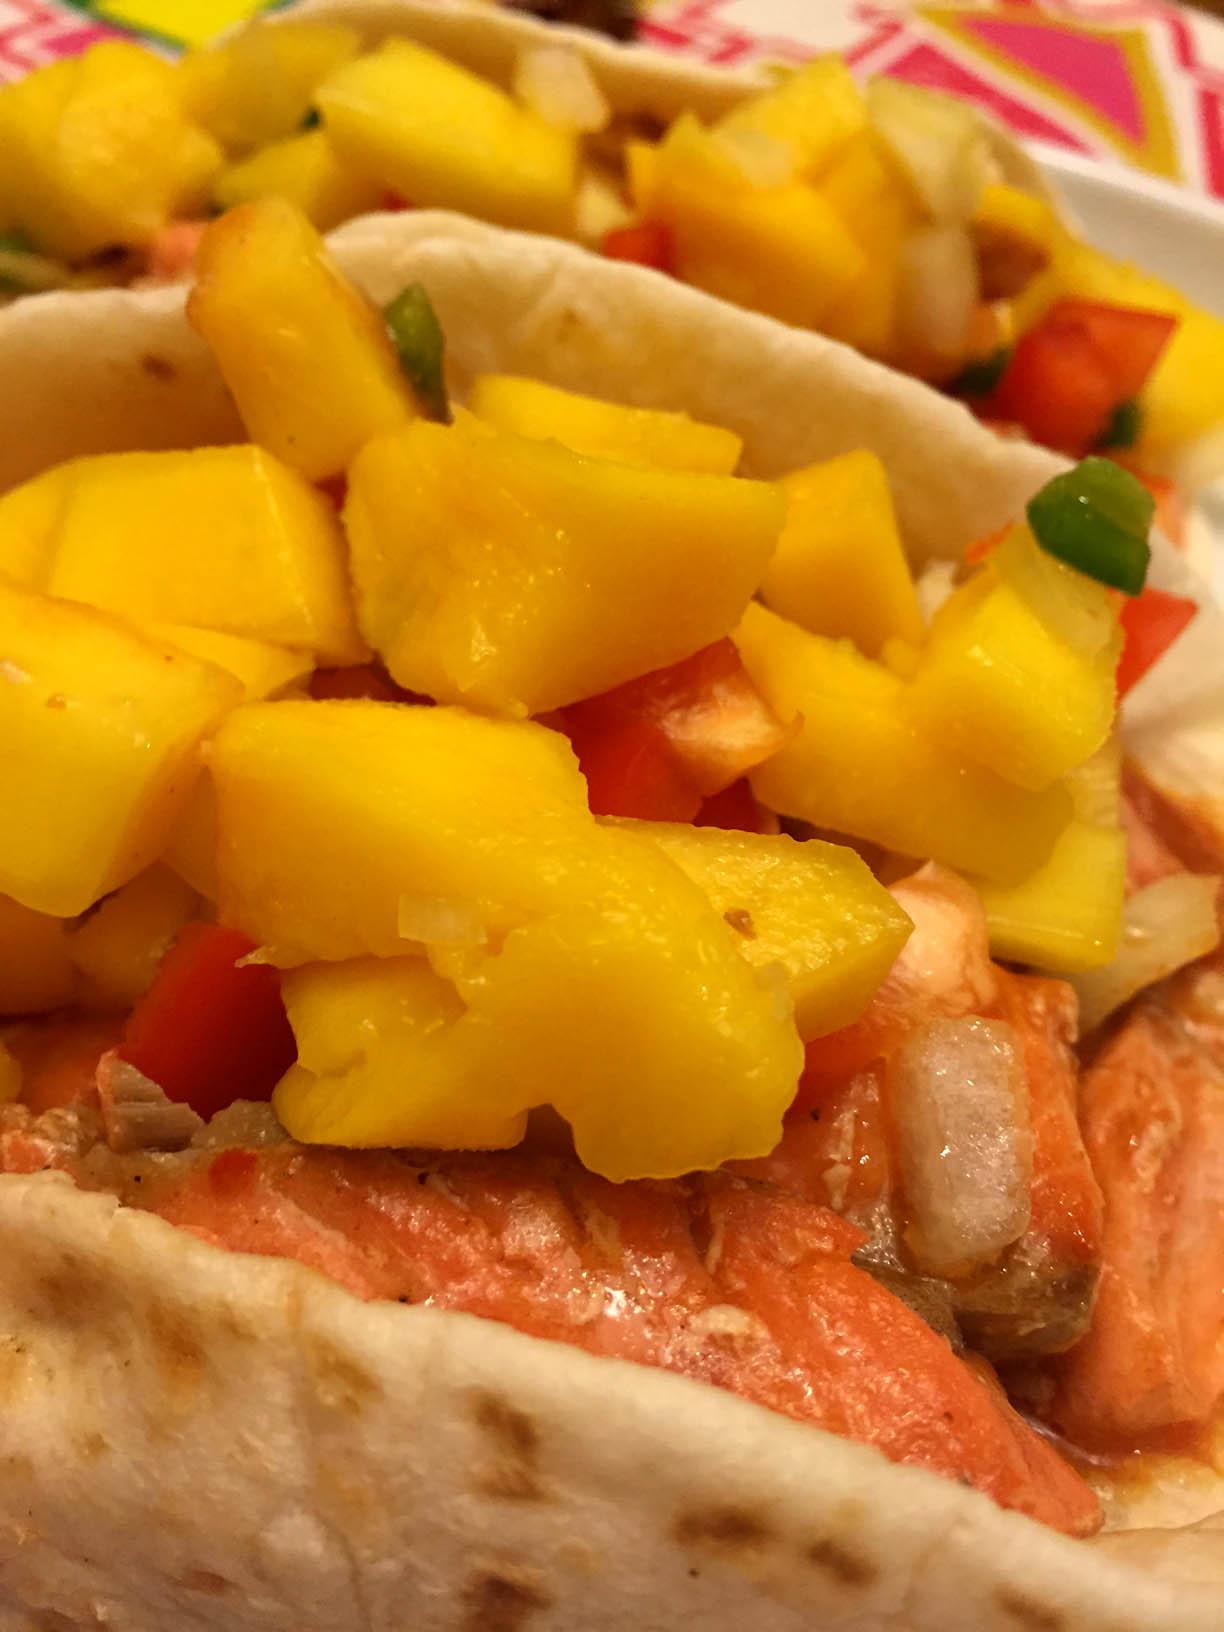 Easy Fish Tacos Recipe With Mango Salsa - So Delicious!